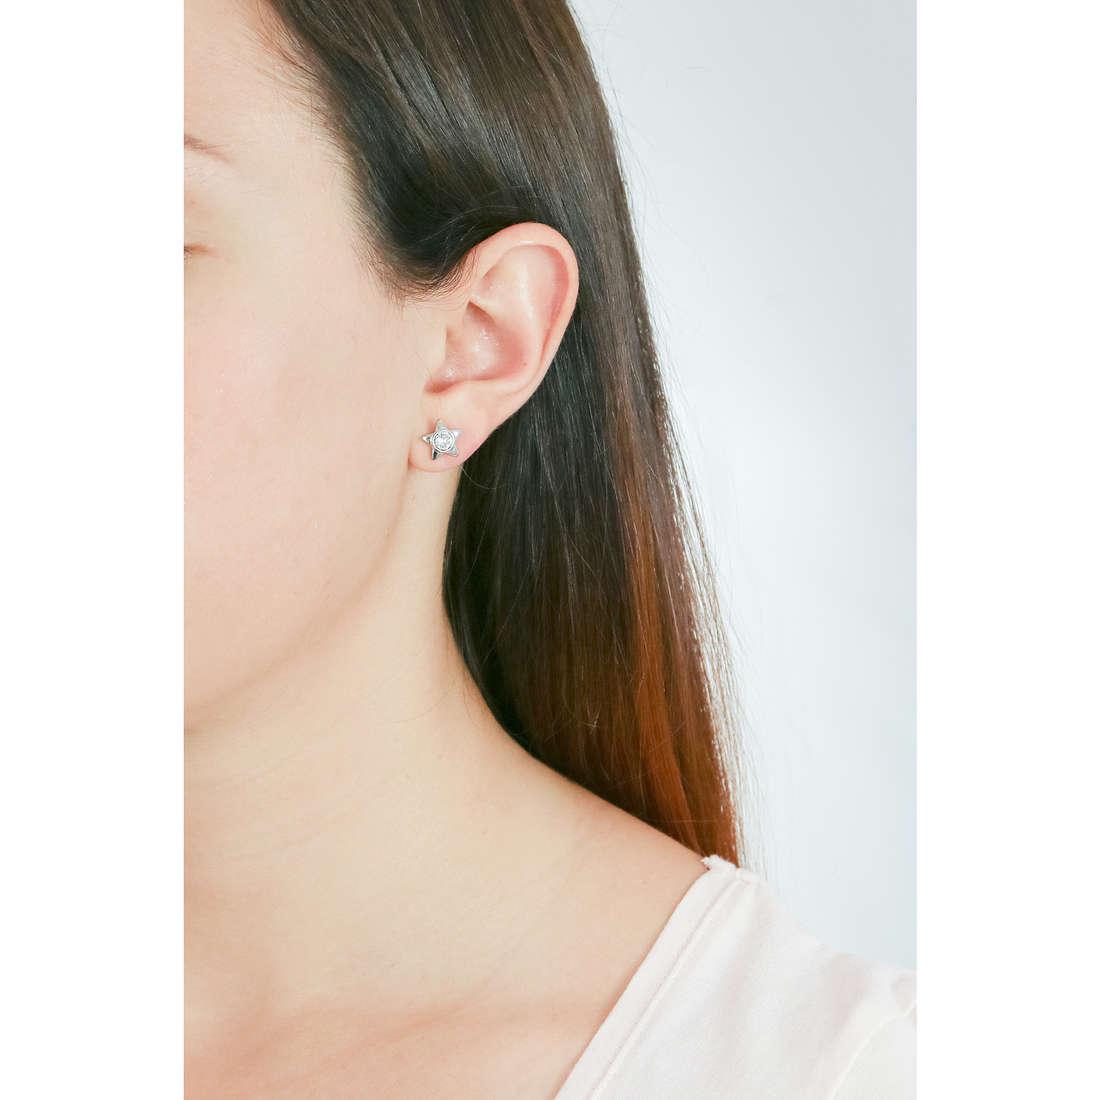 Brosway orecchini Epsilon donna BEO22 indosso